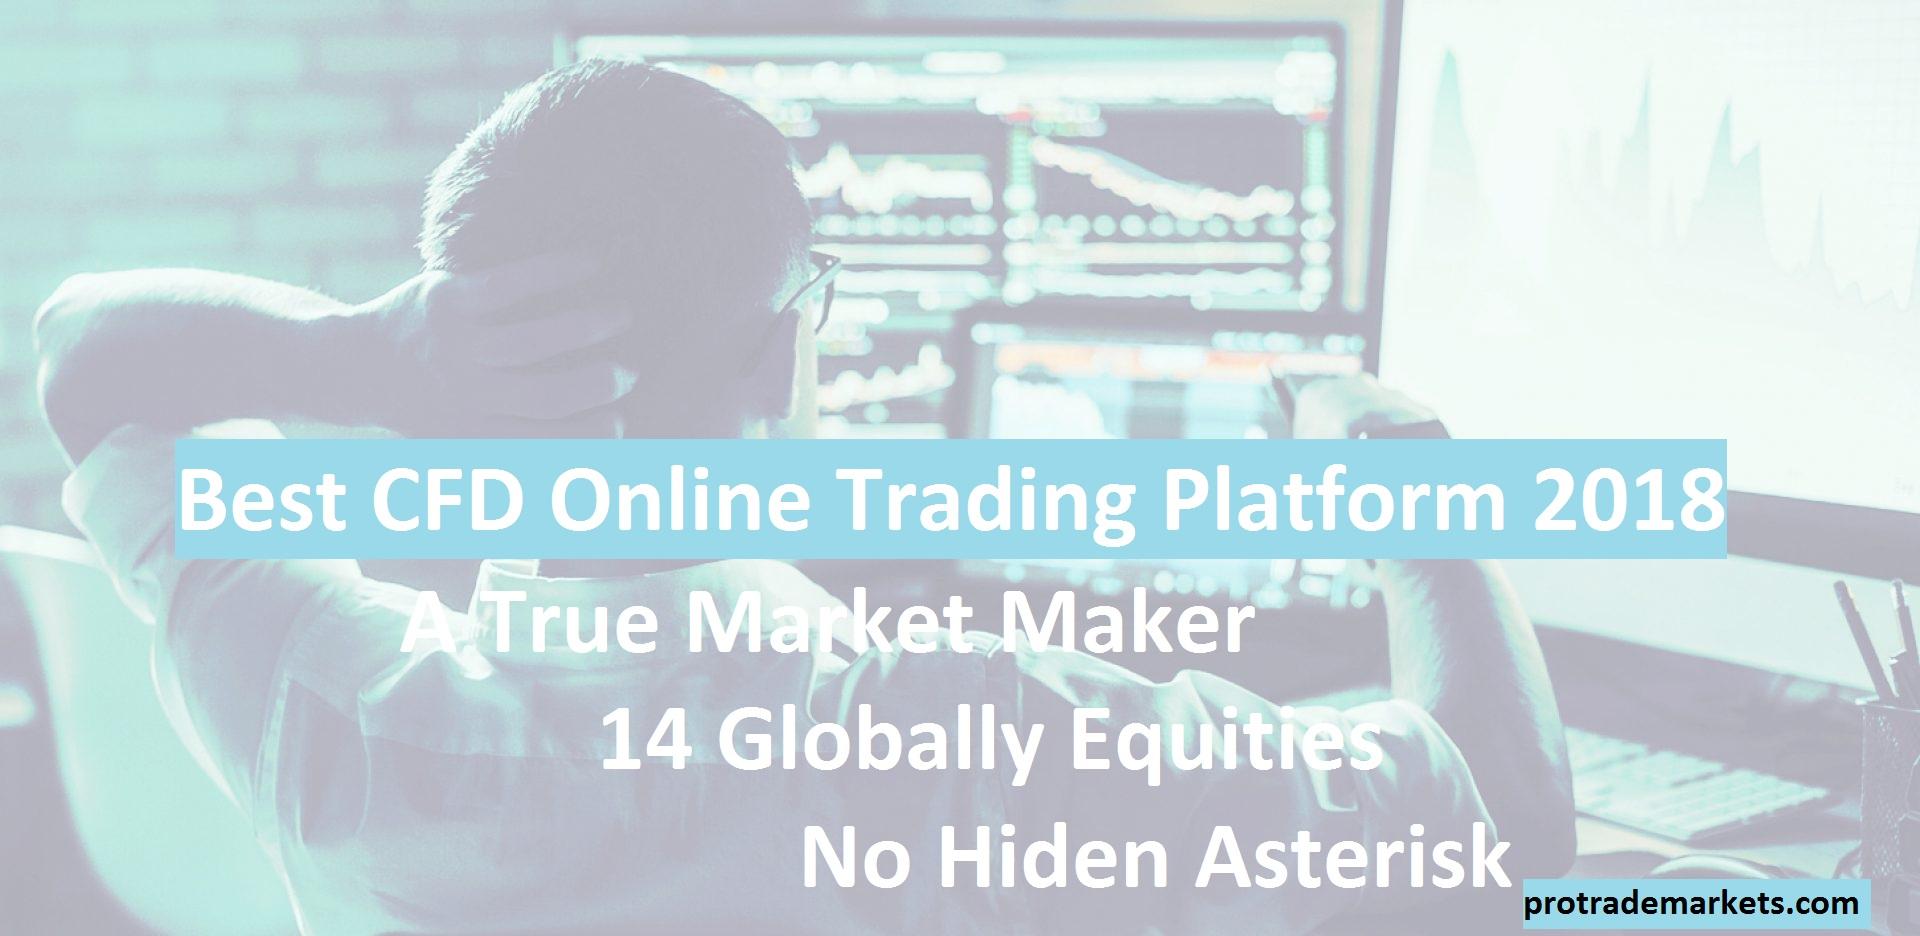 ProTrade Markets